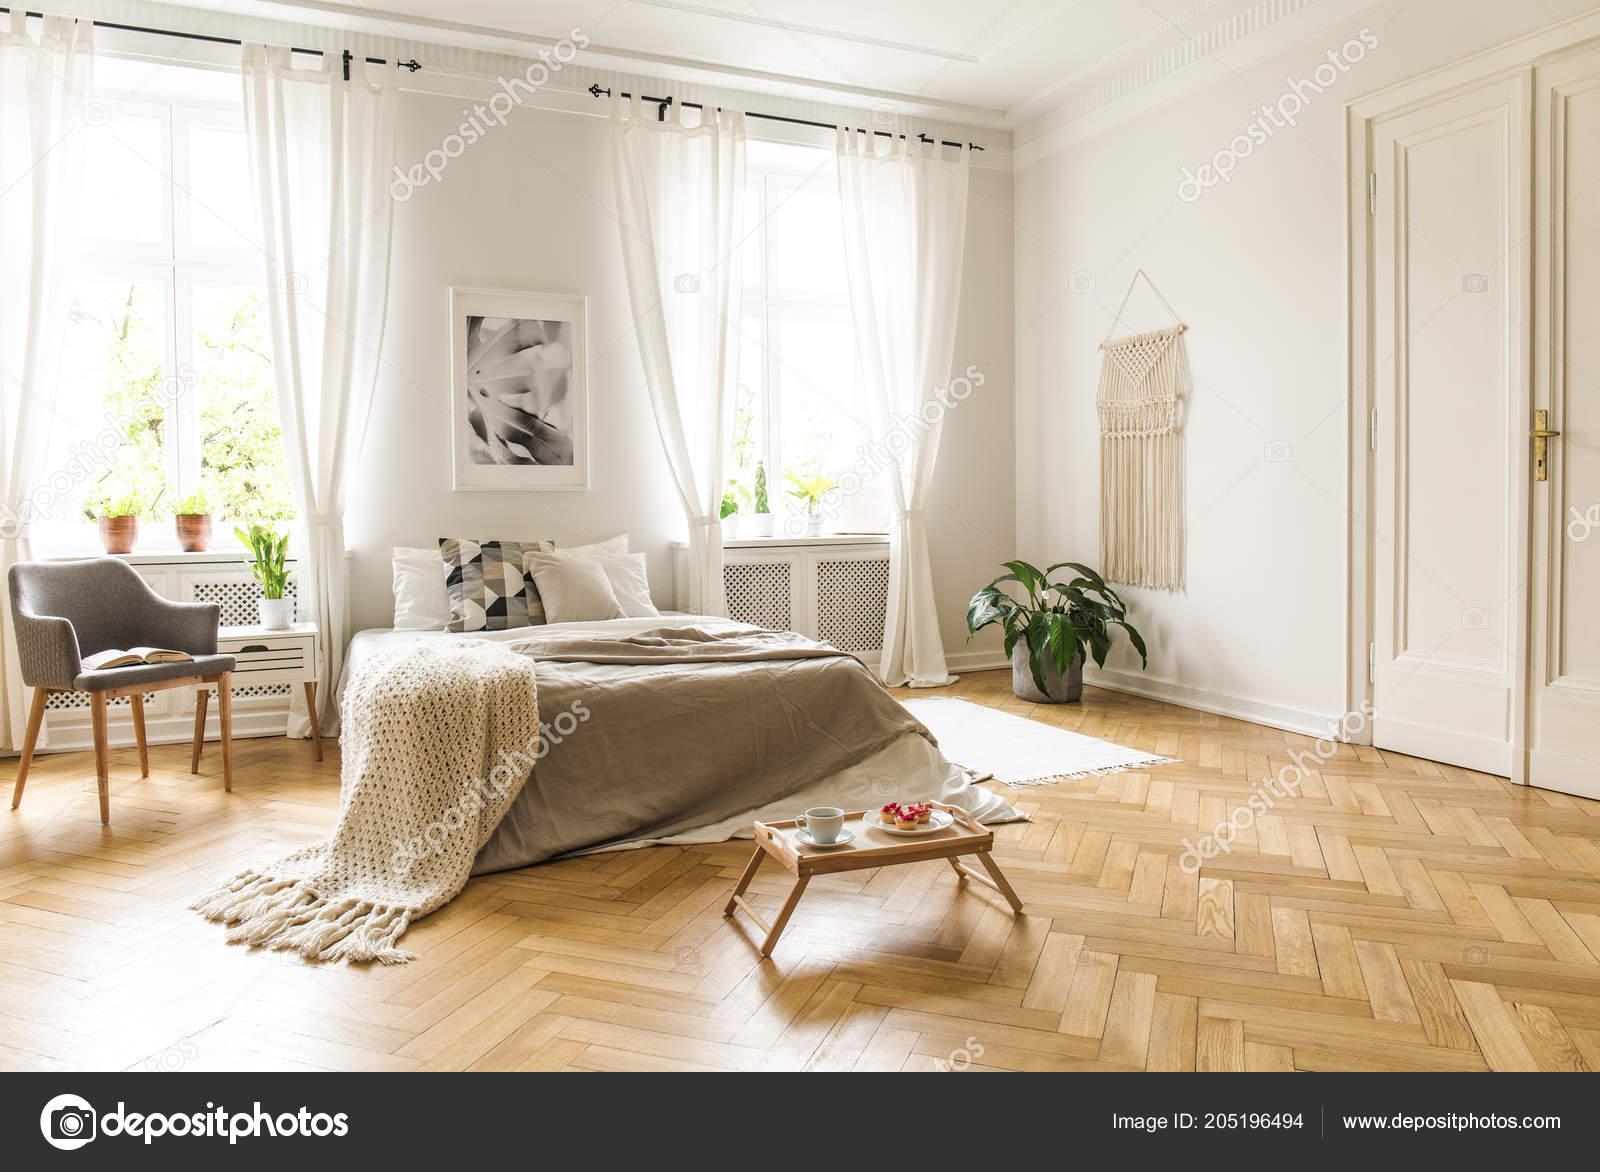 Full Size of Graues Bett Kombinieren Wandfarbe Dunkel Samtsofa Bettlaken Waschen 180x200 Ikea 160x200 120x200 140x200 Welche Graue Sessel Neben Mit Innen Helle Schlafzimmer Bett Graues Bett